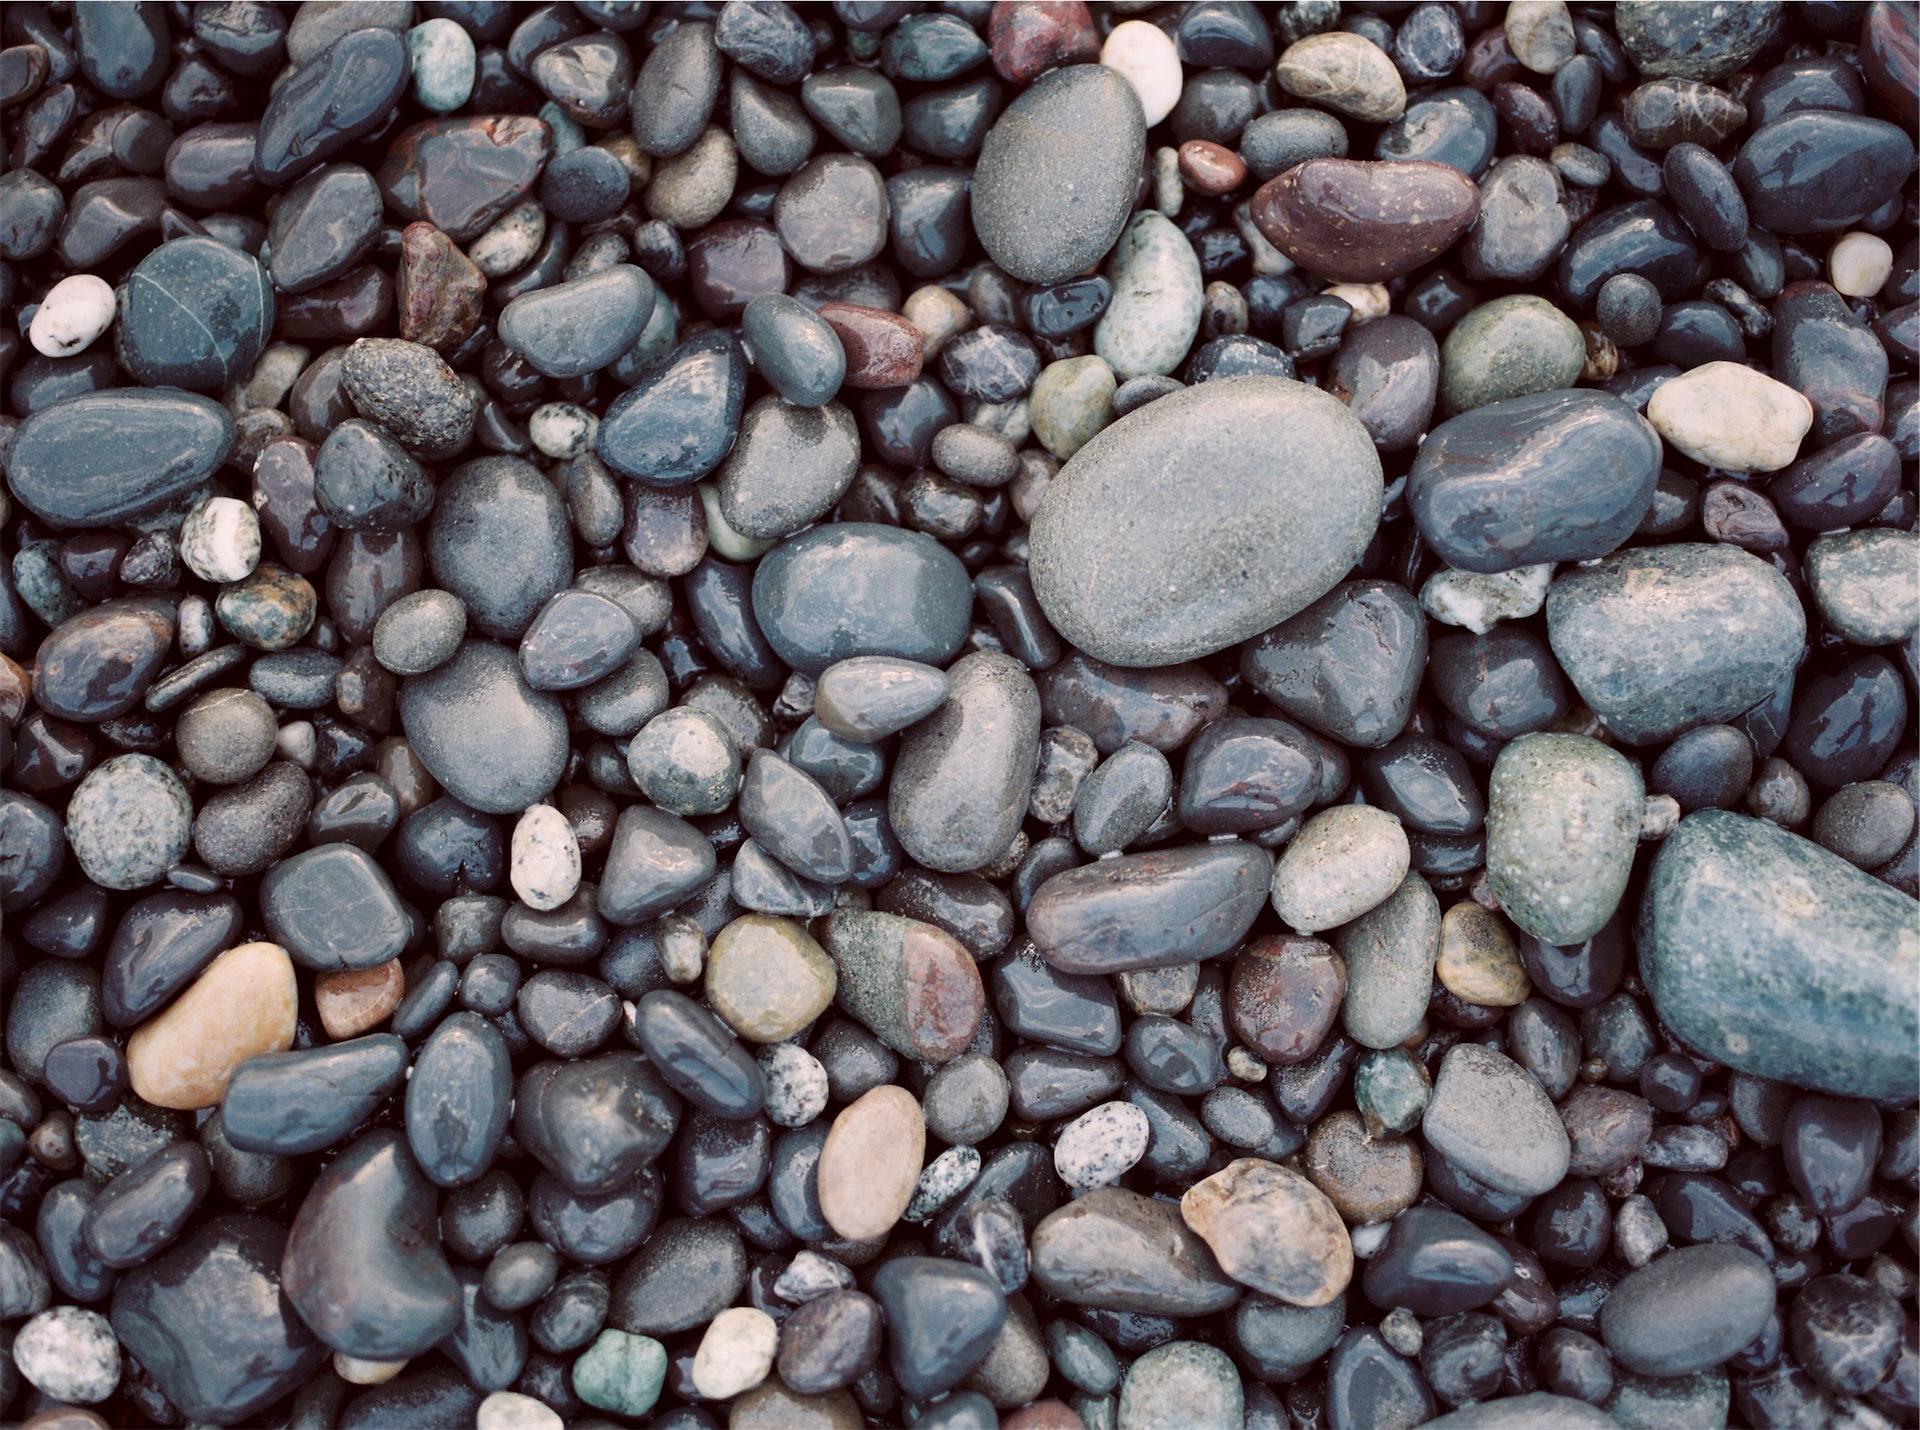 石头, 海滩, 水, 混沌, 形式 - 高清壁纸 - 教授-falken.com